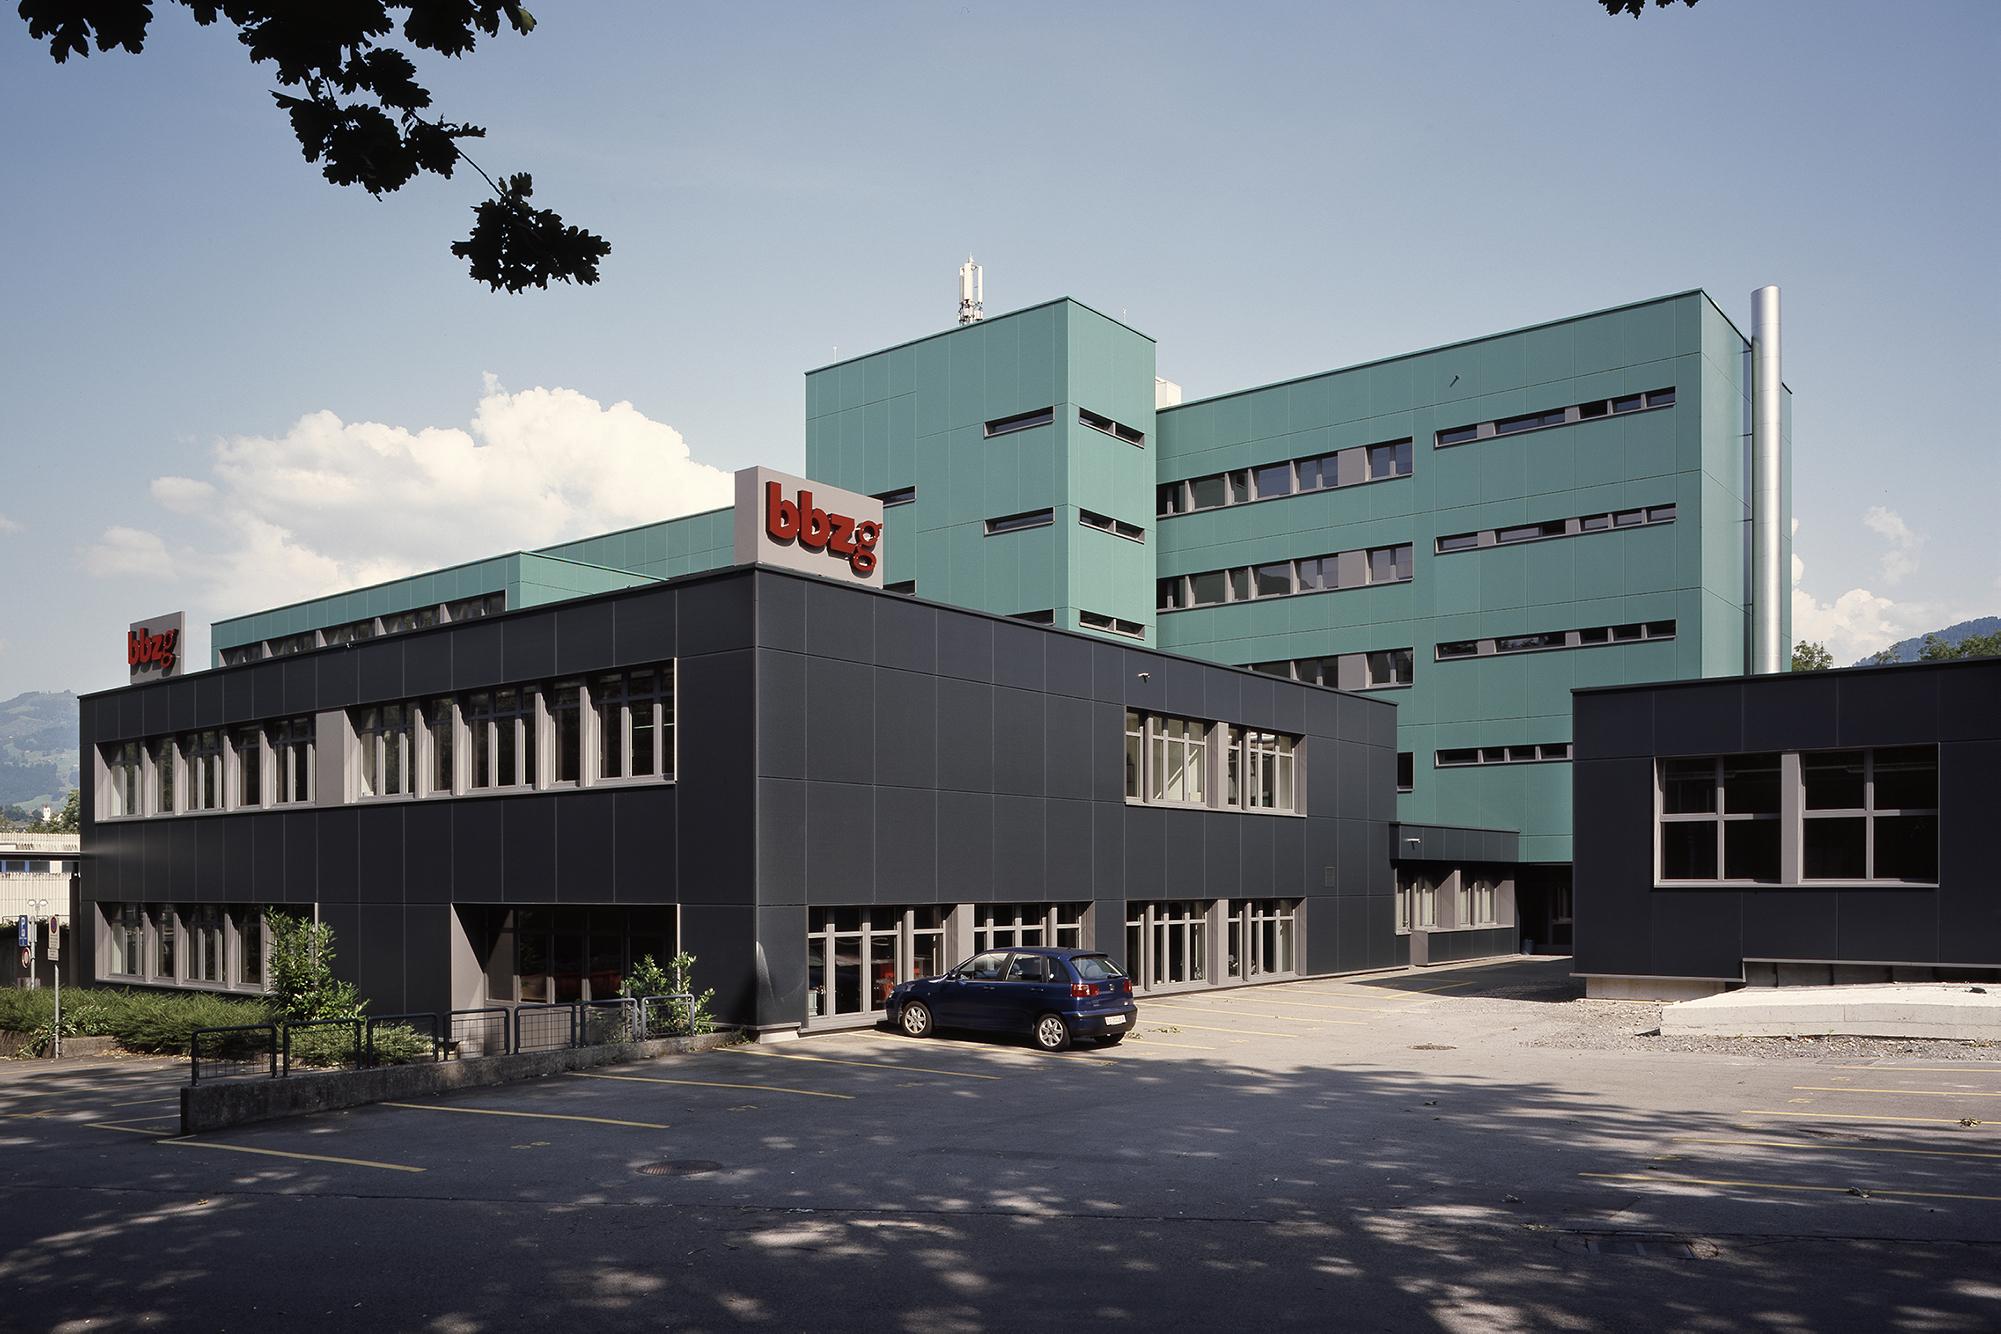 6410 Goldau Umbau Anbau hwp Architekten Bildungsgebaeude